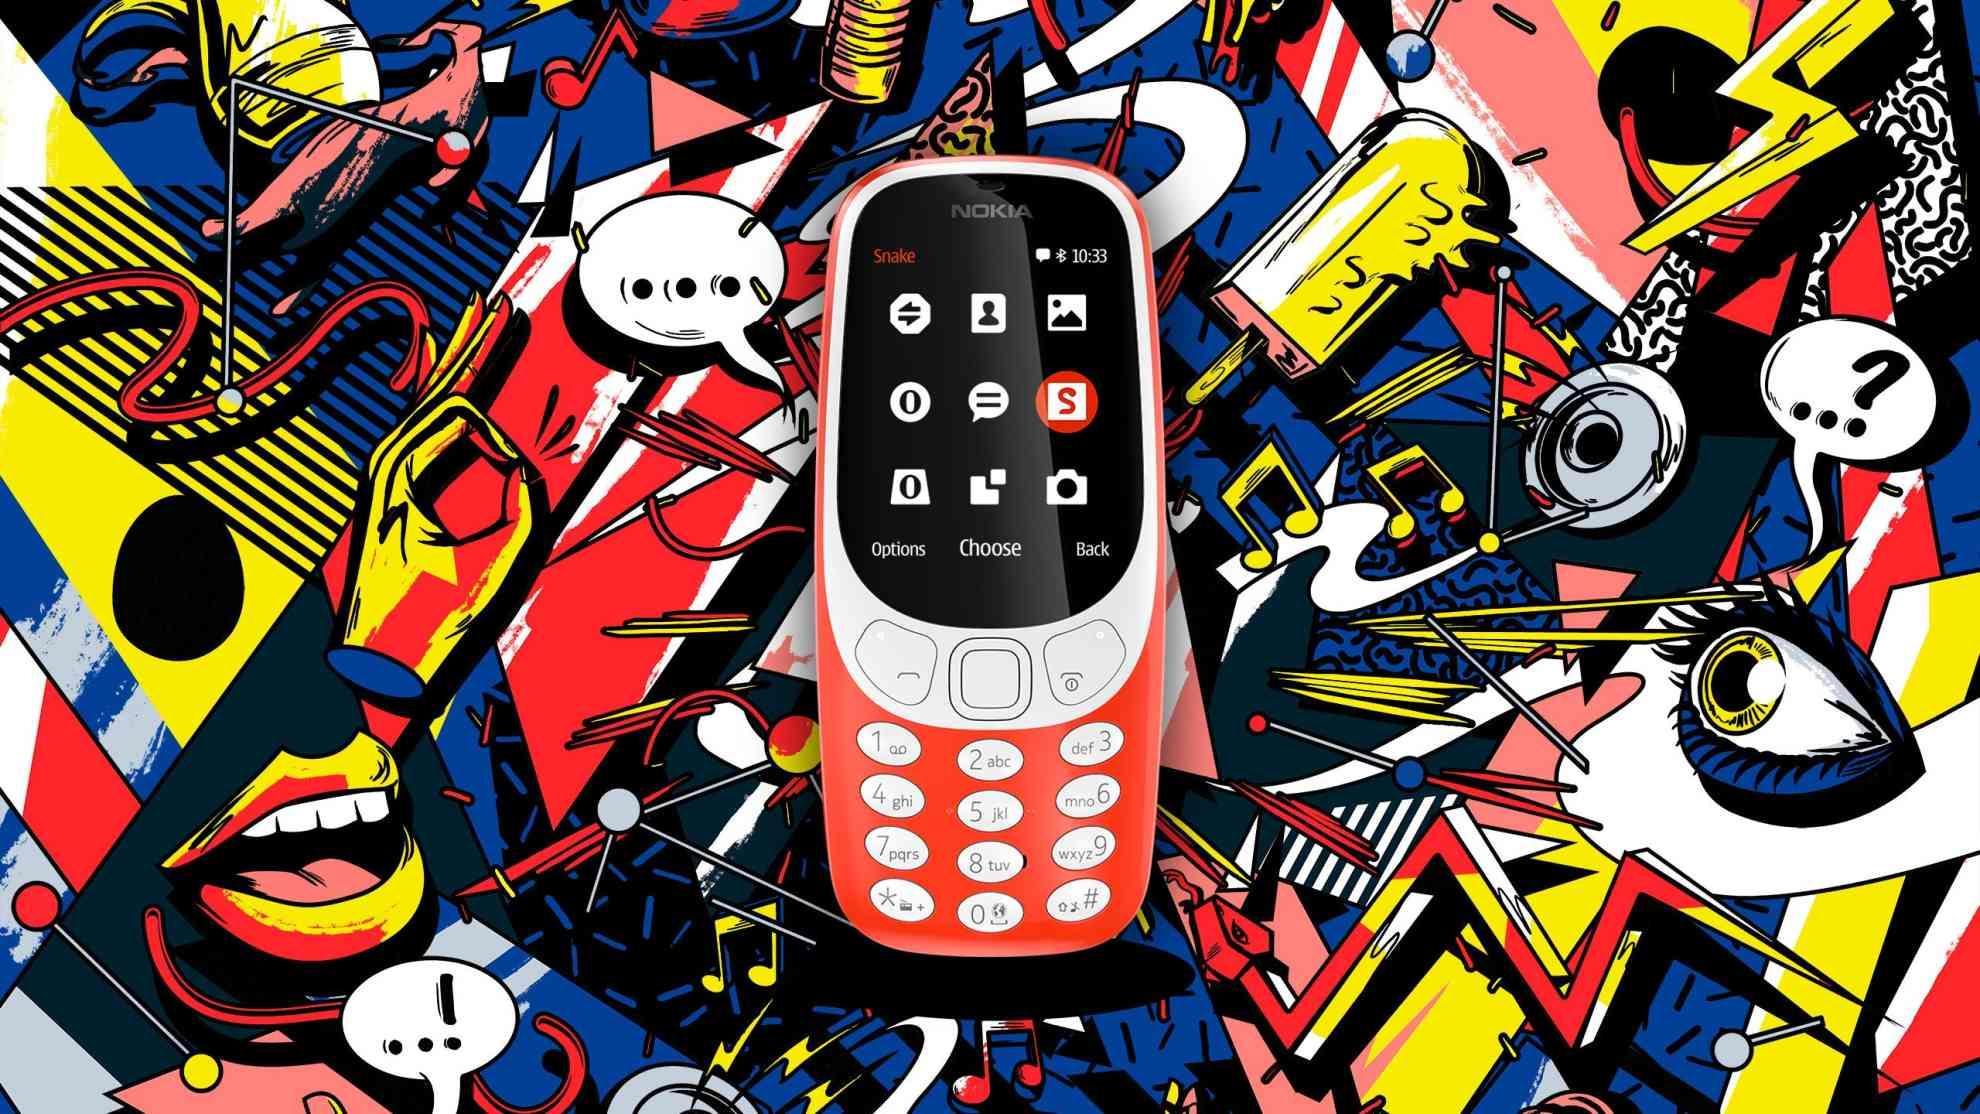 Nuovo Nokia 3310 2017: uscito in Italia a un prezzo di 59,99 euro